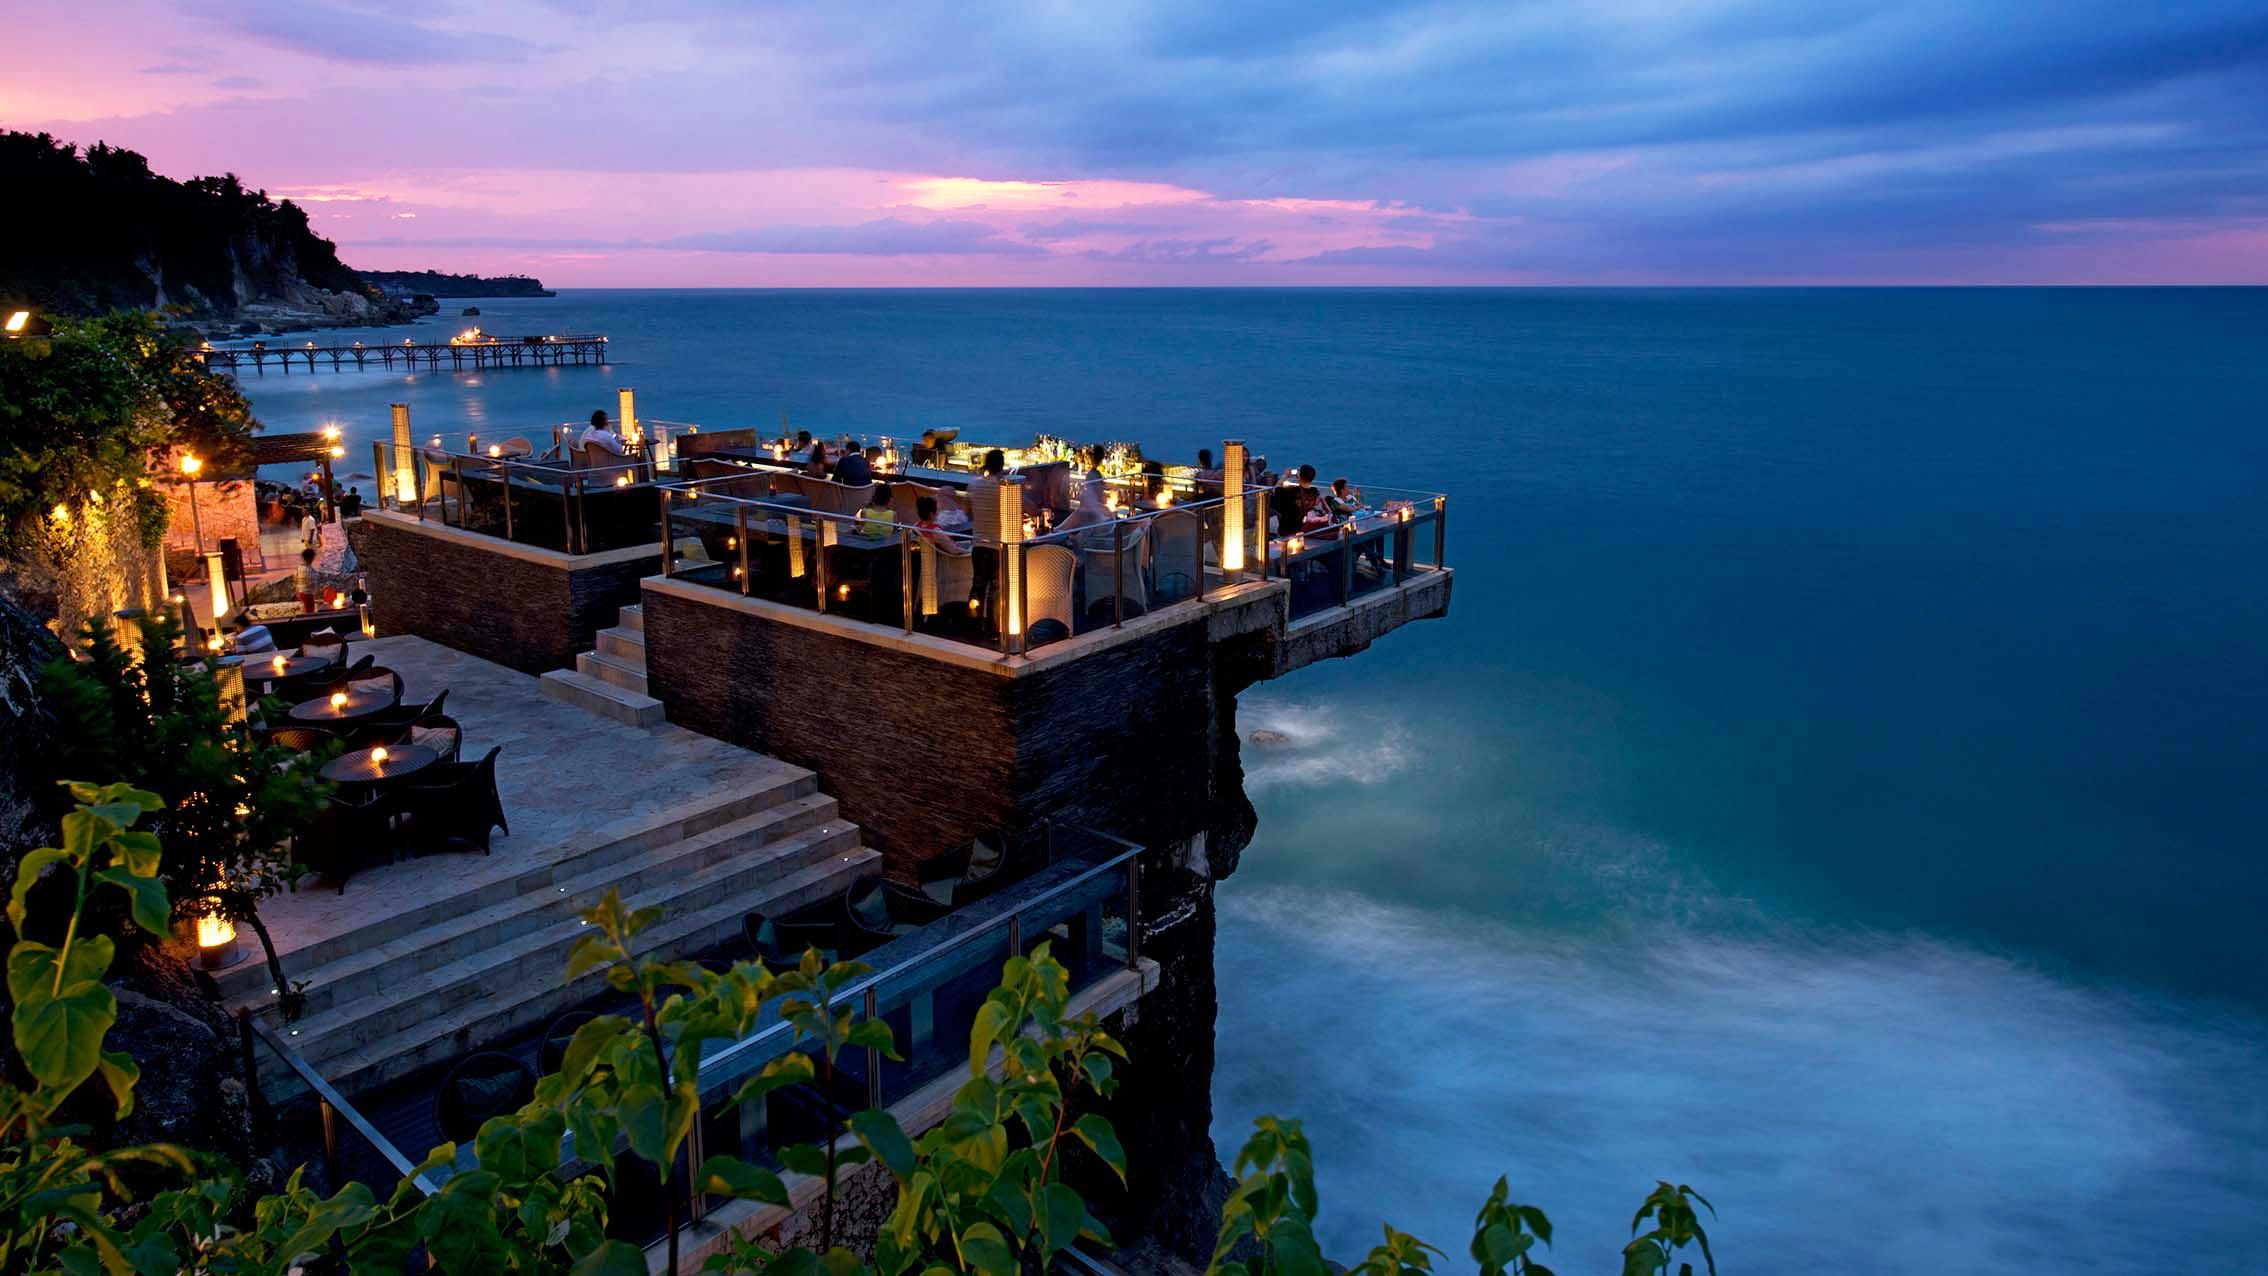 Best Hotel Bars: Rock Bar Bali